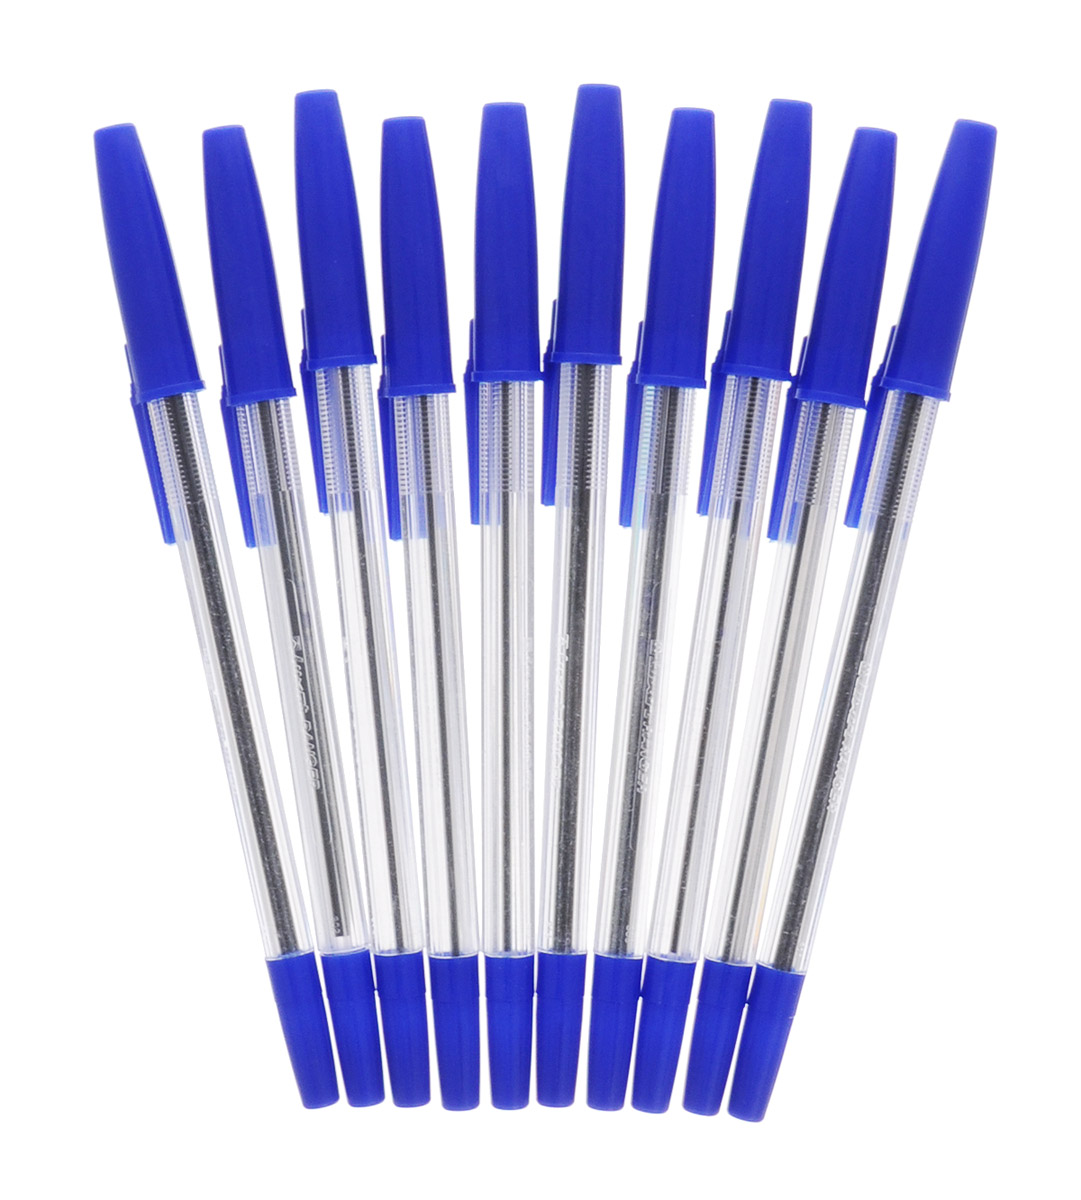 Luxor Набор шариковых ручек Ranger цвет чернил синий 10 шт0775B001Шариковые ручки из набора Luxor Ranger станут незаменимым атрибутом в учебе любого школьника и на работе.В наборе 10 шариковых ручек с колпачками, цвет чернил - синий.